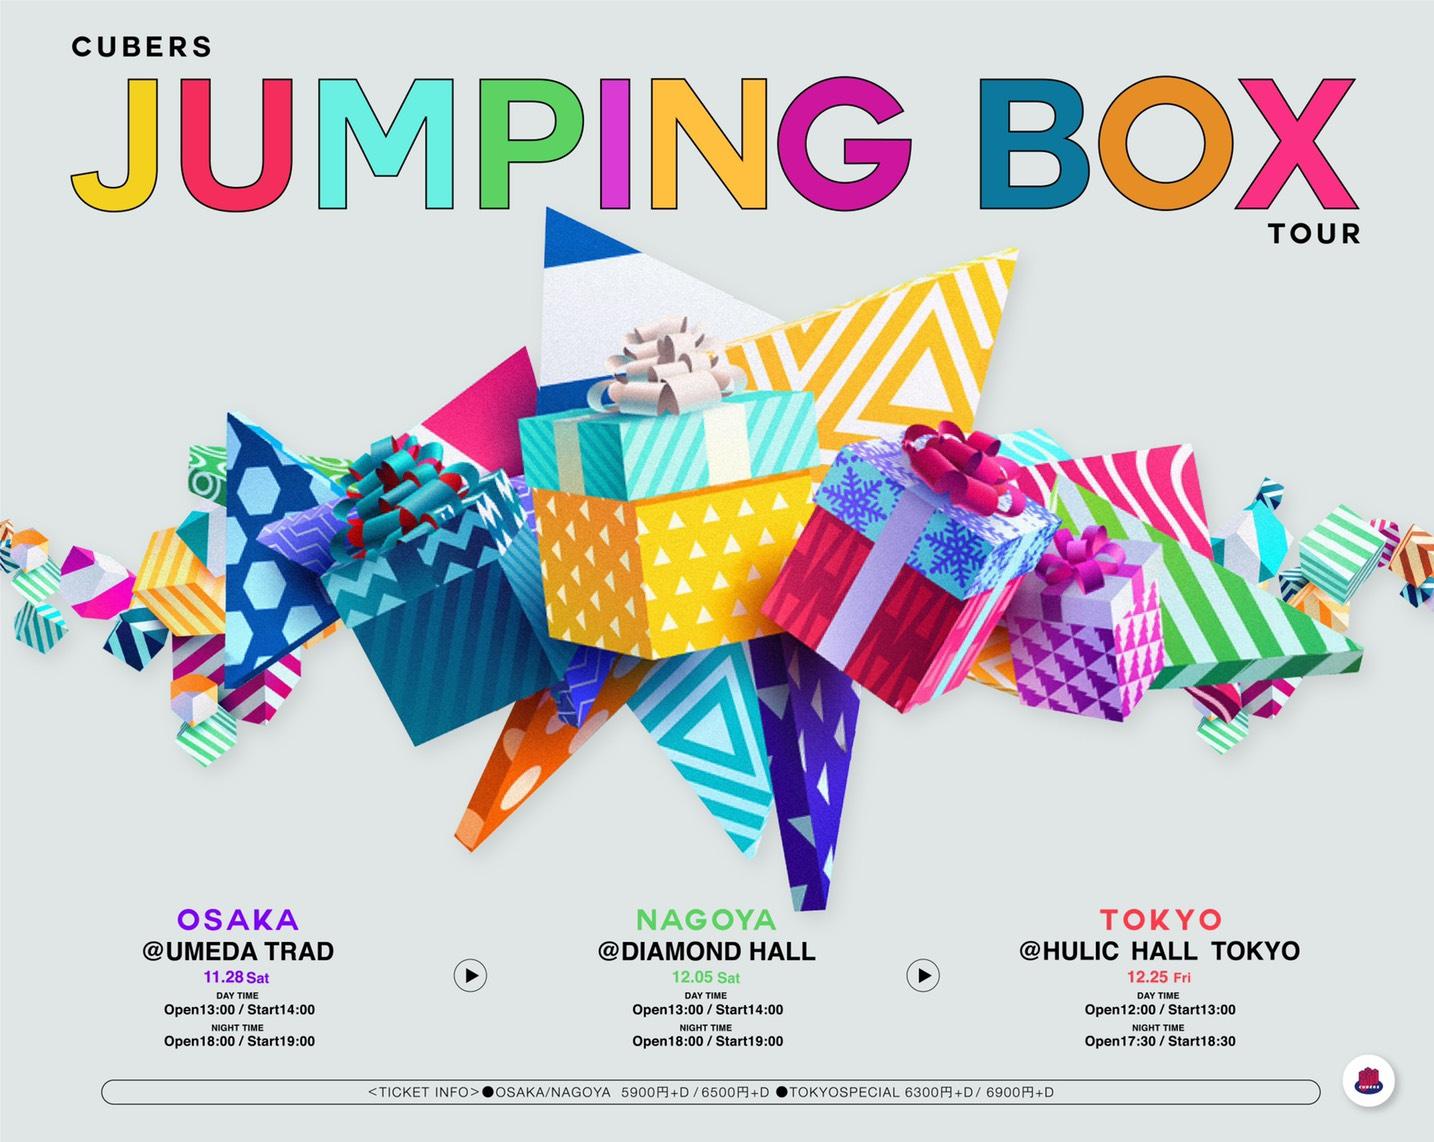 【お知らせ】11/28(土)開催 『JUMPING BOX TOUR』大阪公演 先行物販に関して